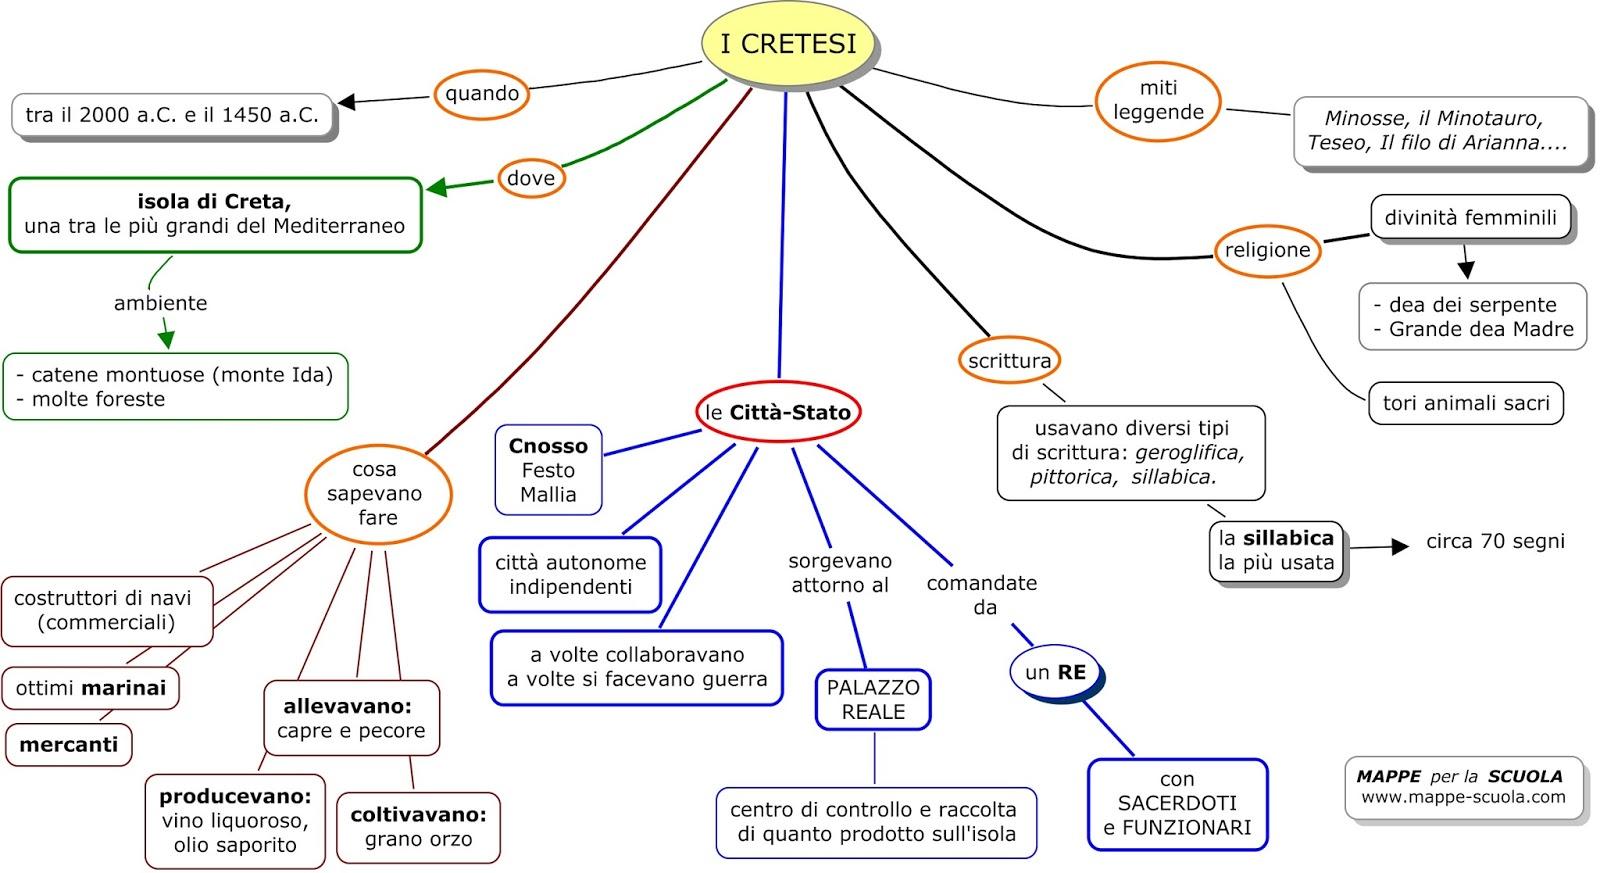 Top MAPPE per la SCUOLA: I CRETESI SN15